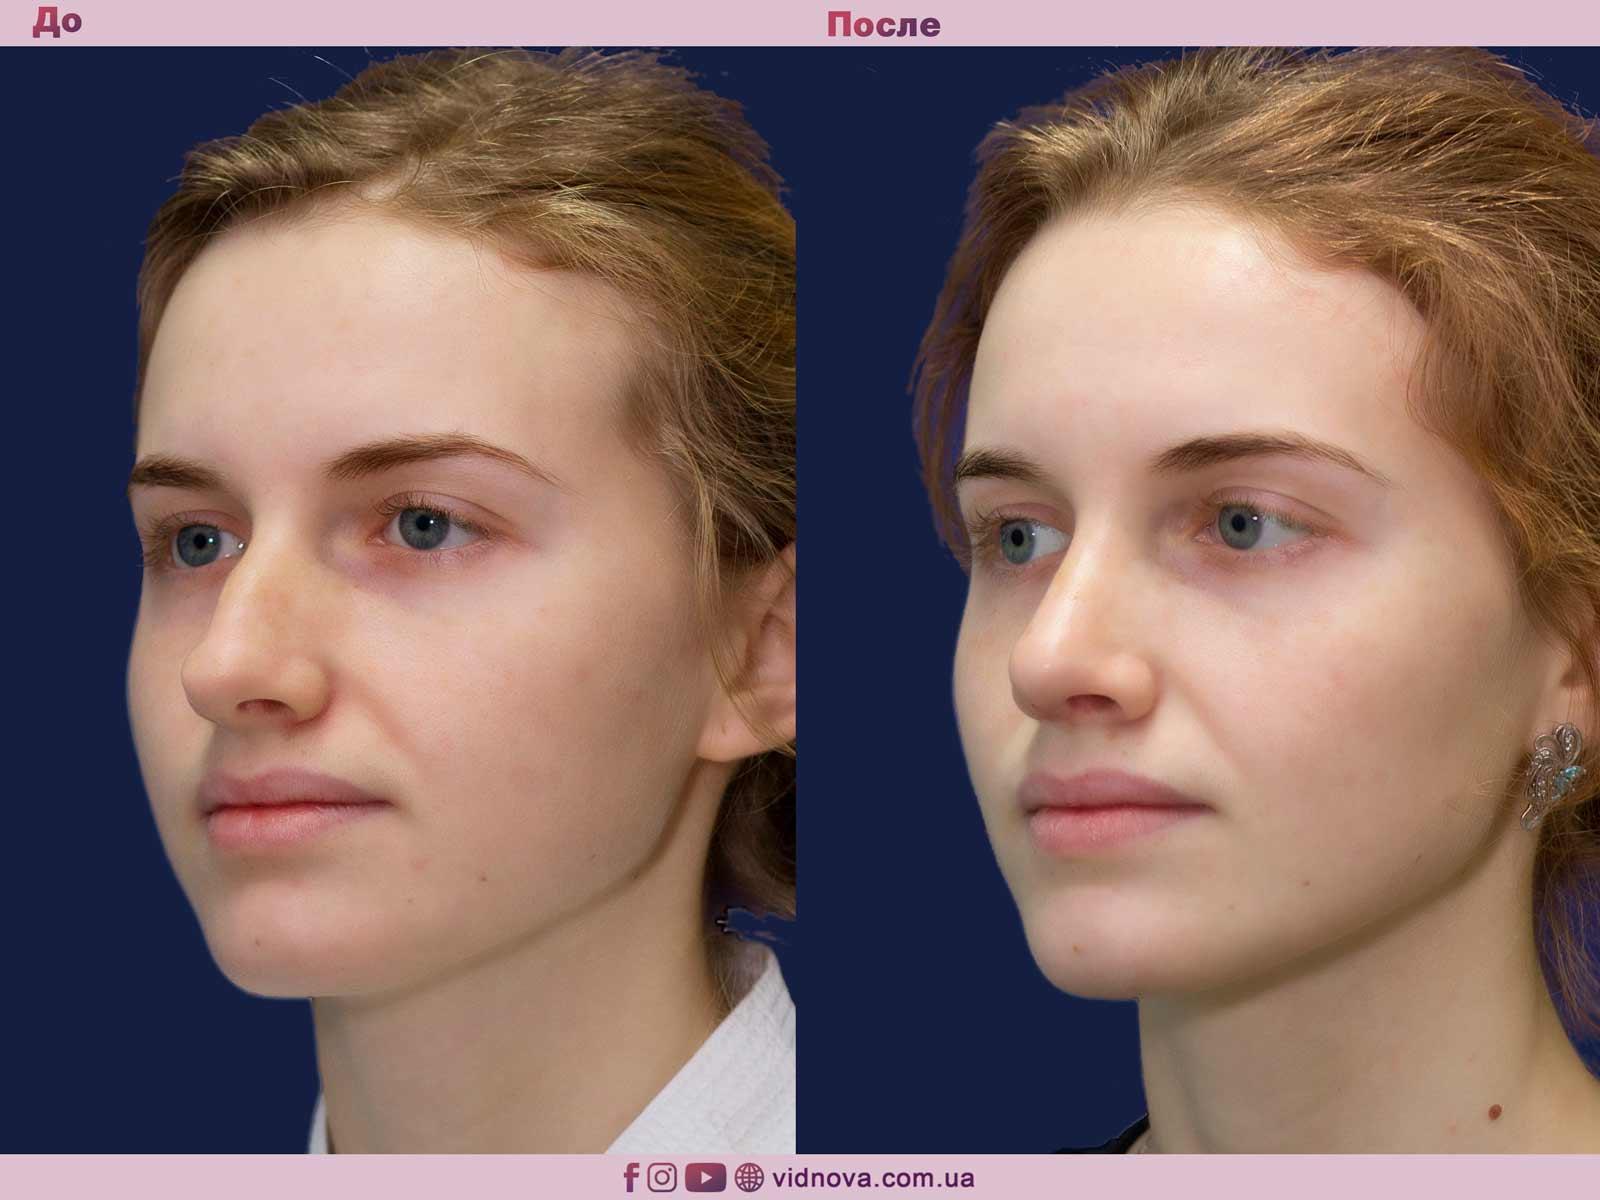 Ринопластика: Фото ДО и ПОСЛЕ - Пример №9-2 - Клиника Vidnova